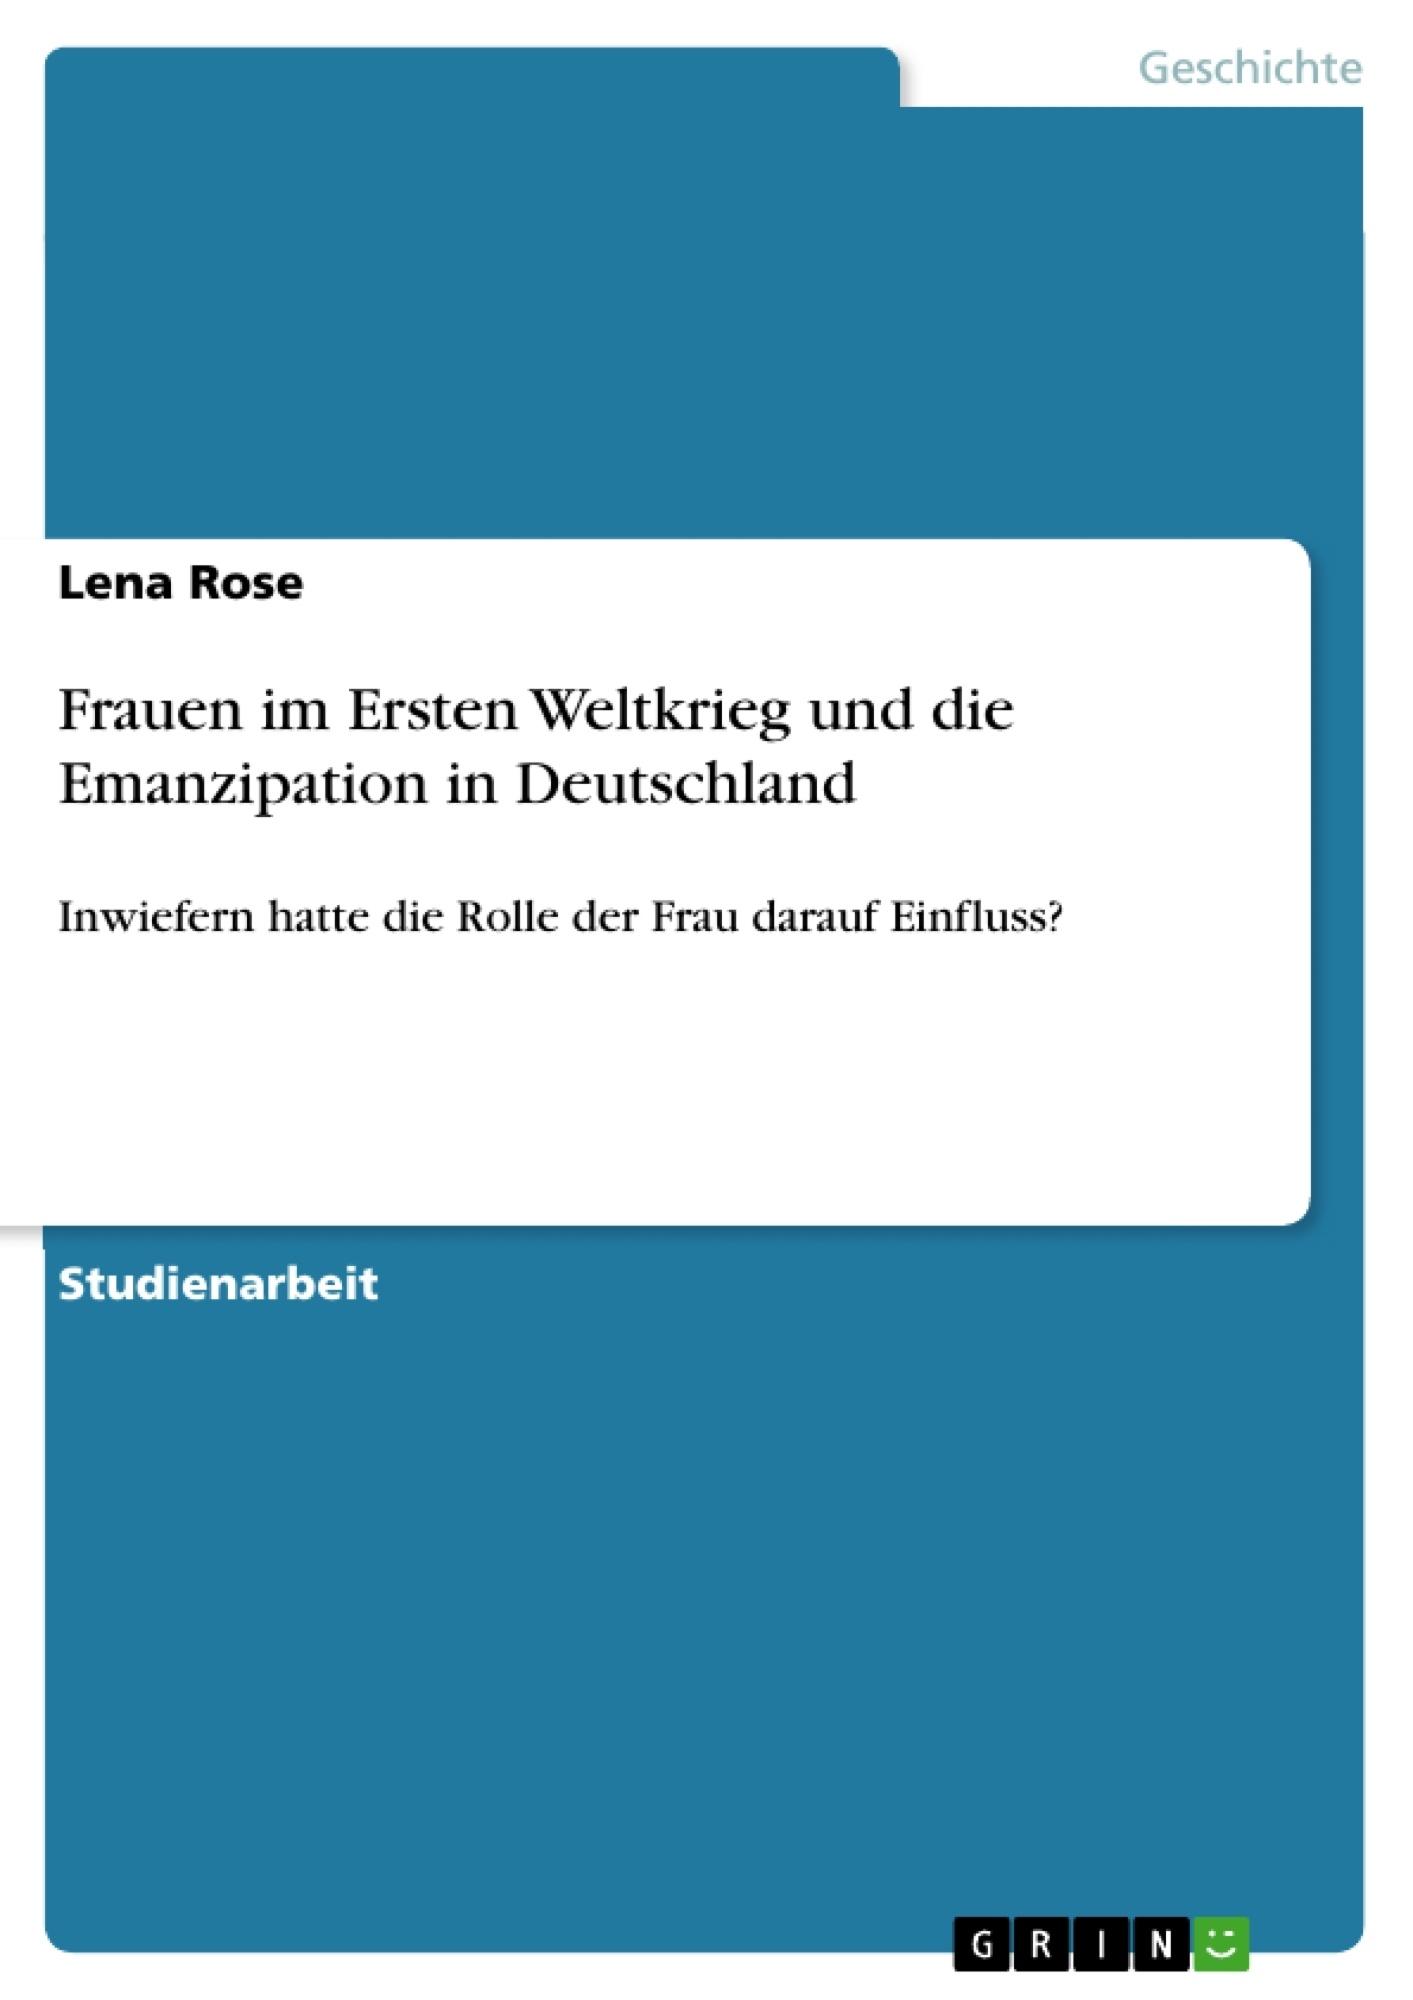 Titel: Frauen im Ersten Weltkrieg und die Emanzipation in Deutschland